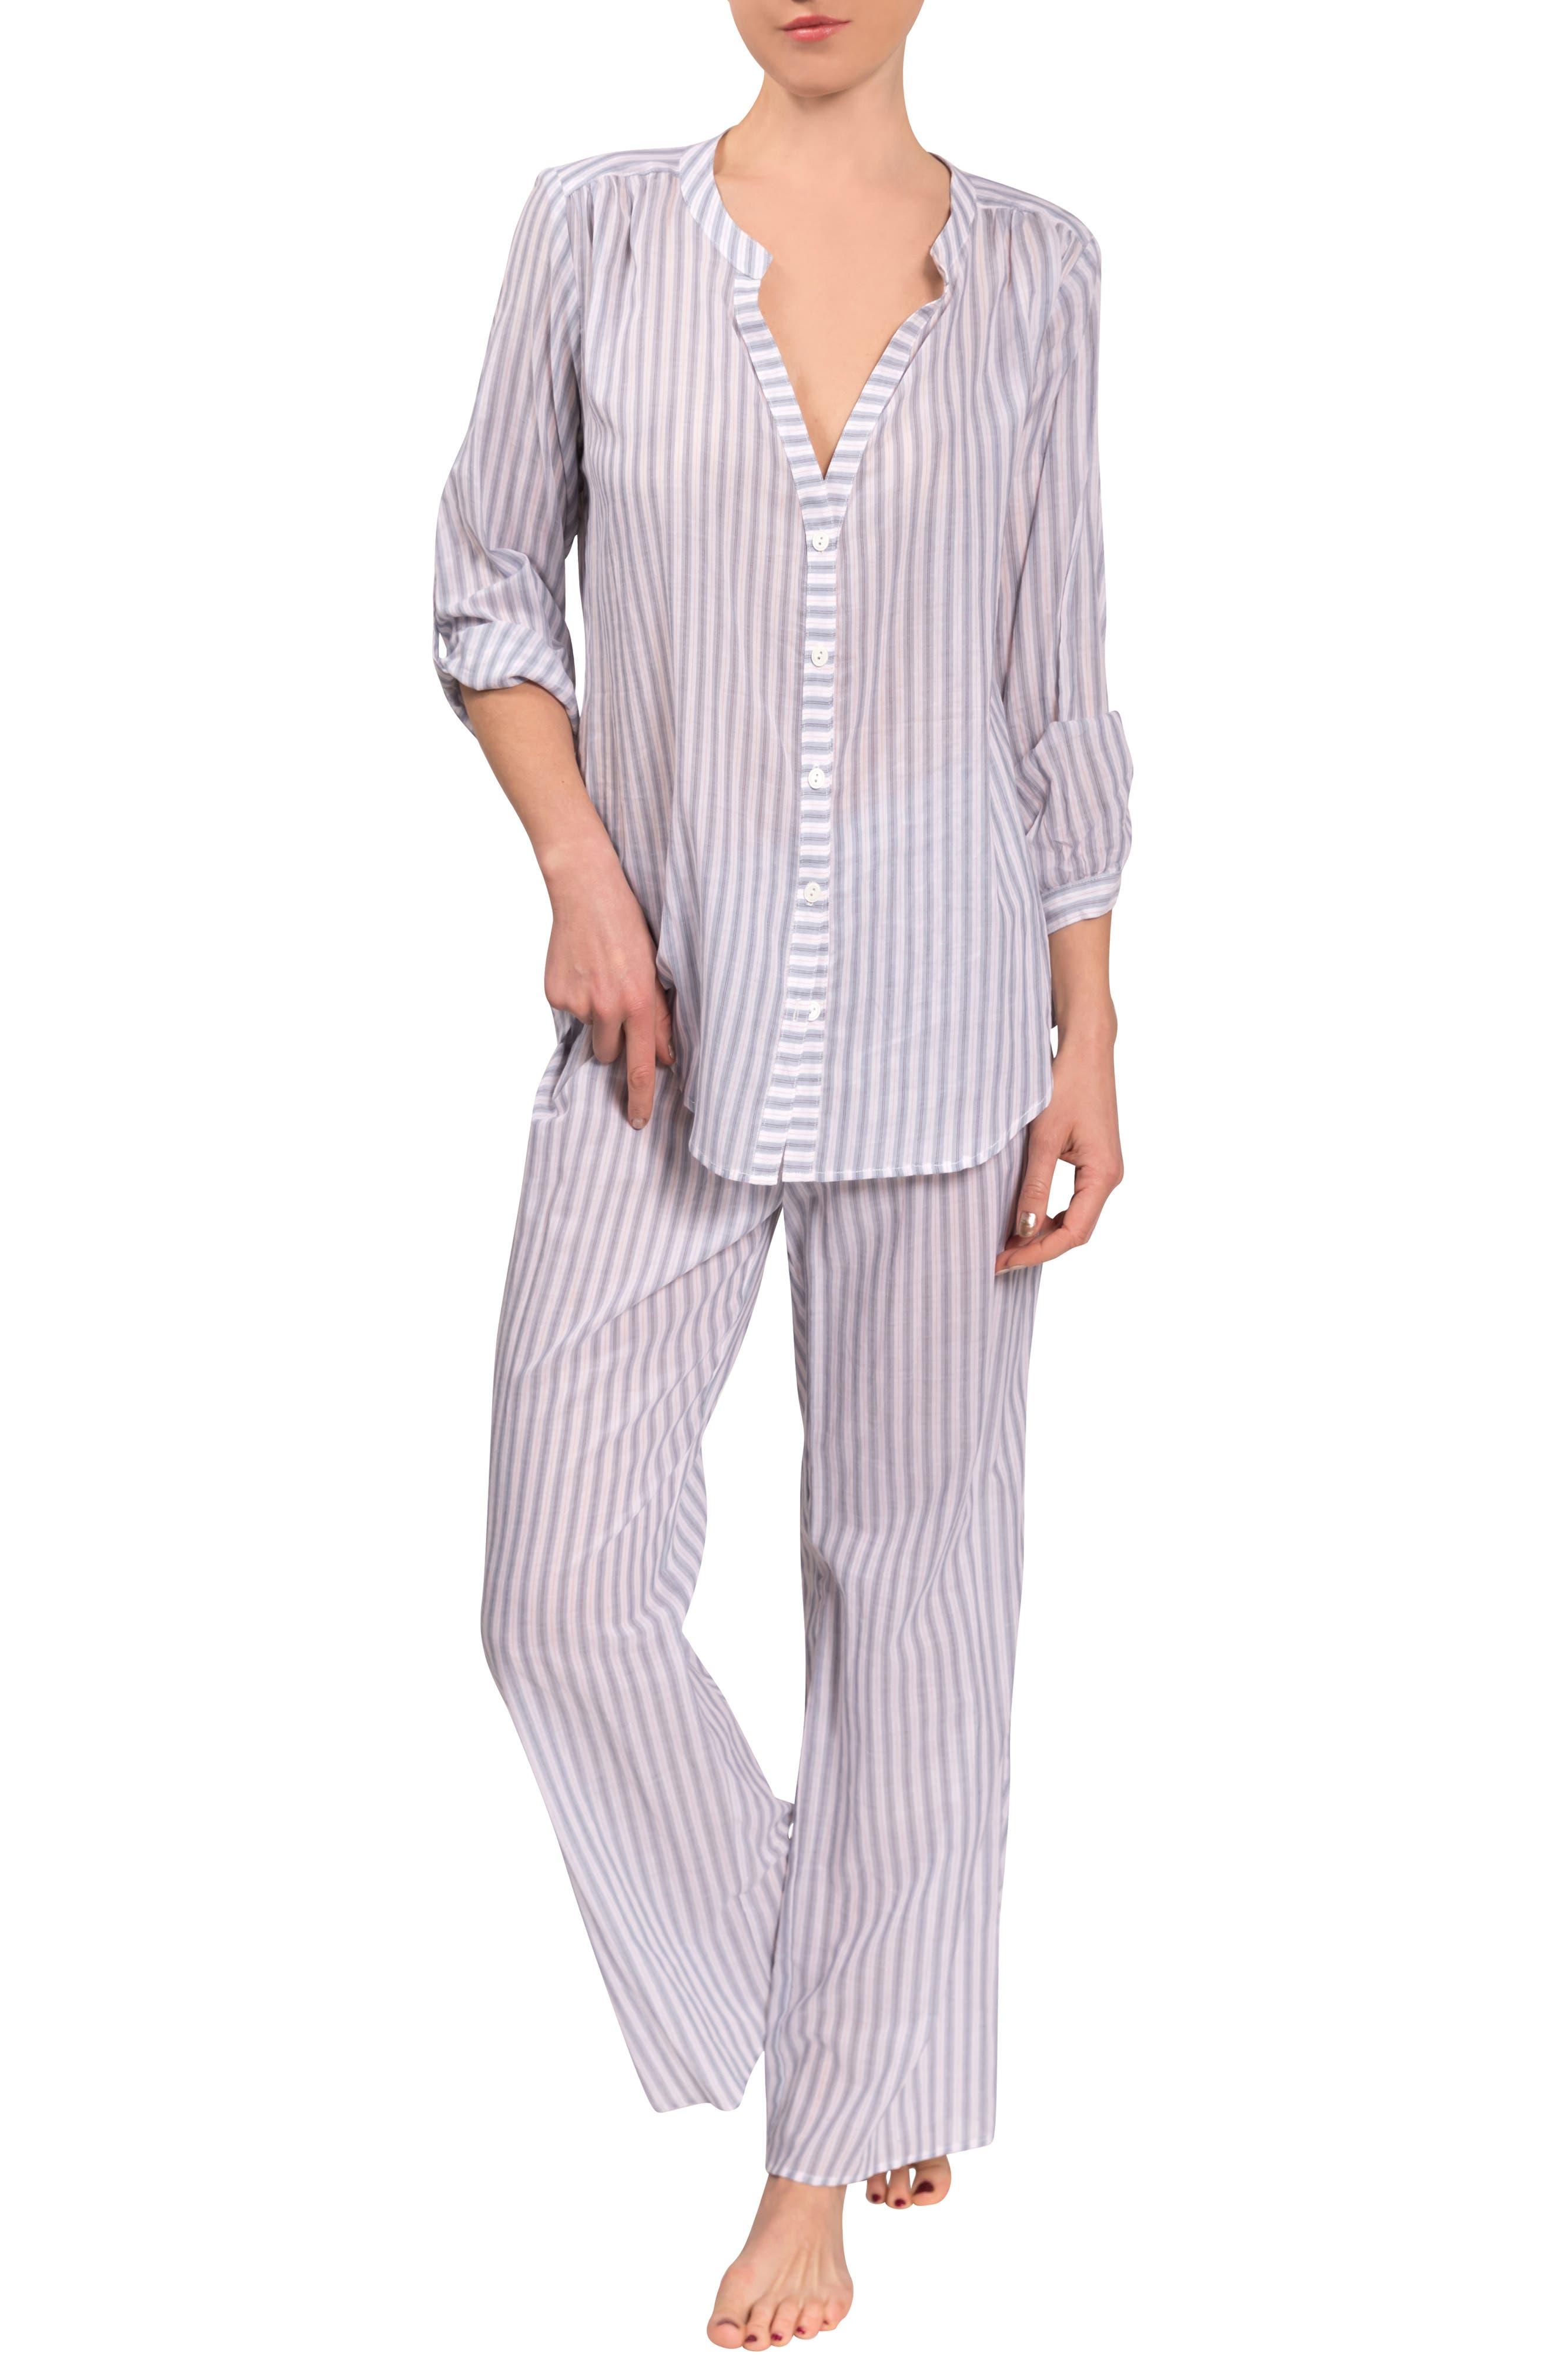 Jamie Angela Pajamas